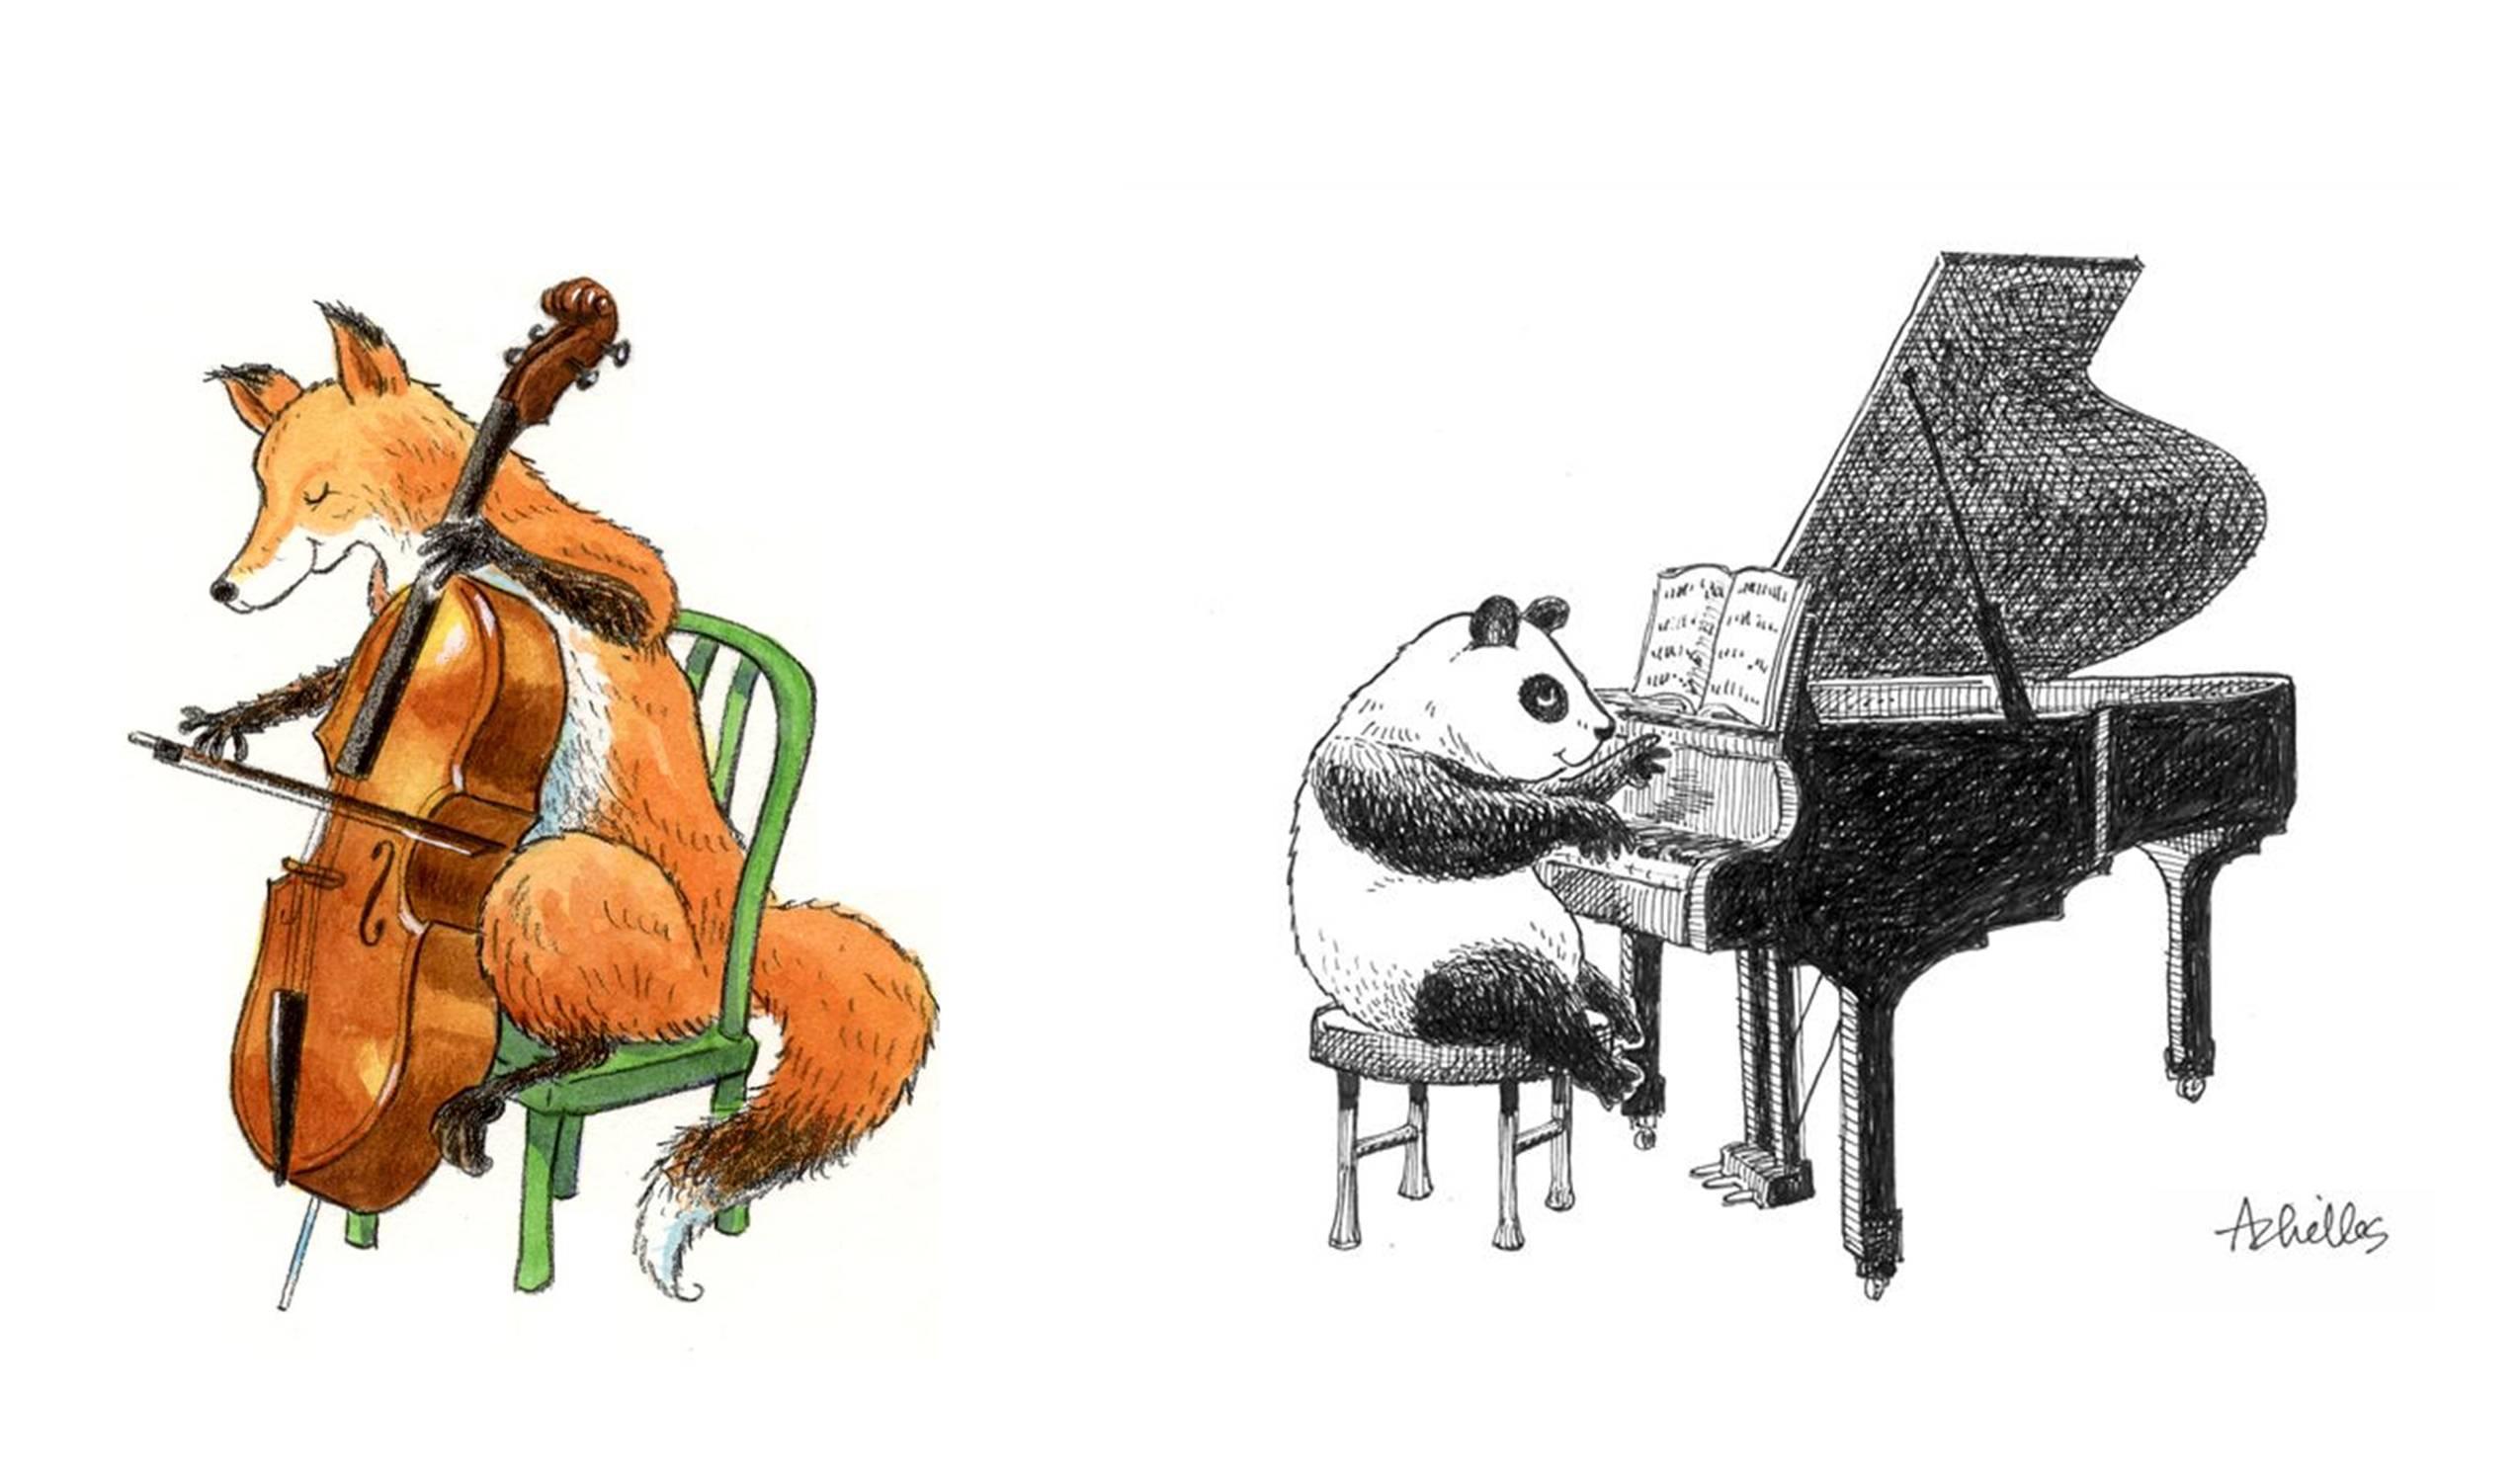 achilles_instruments1